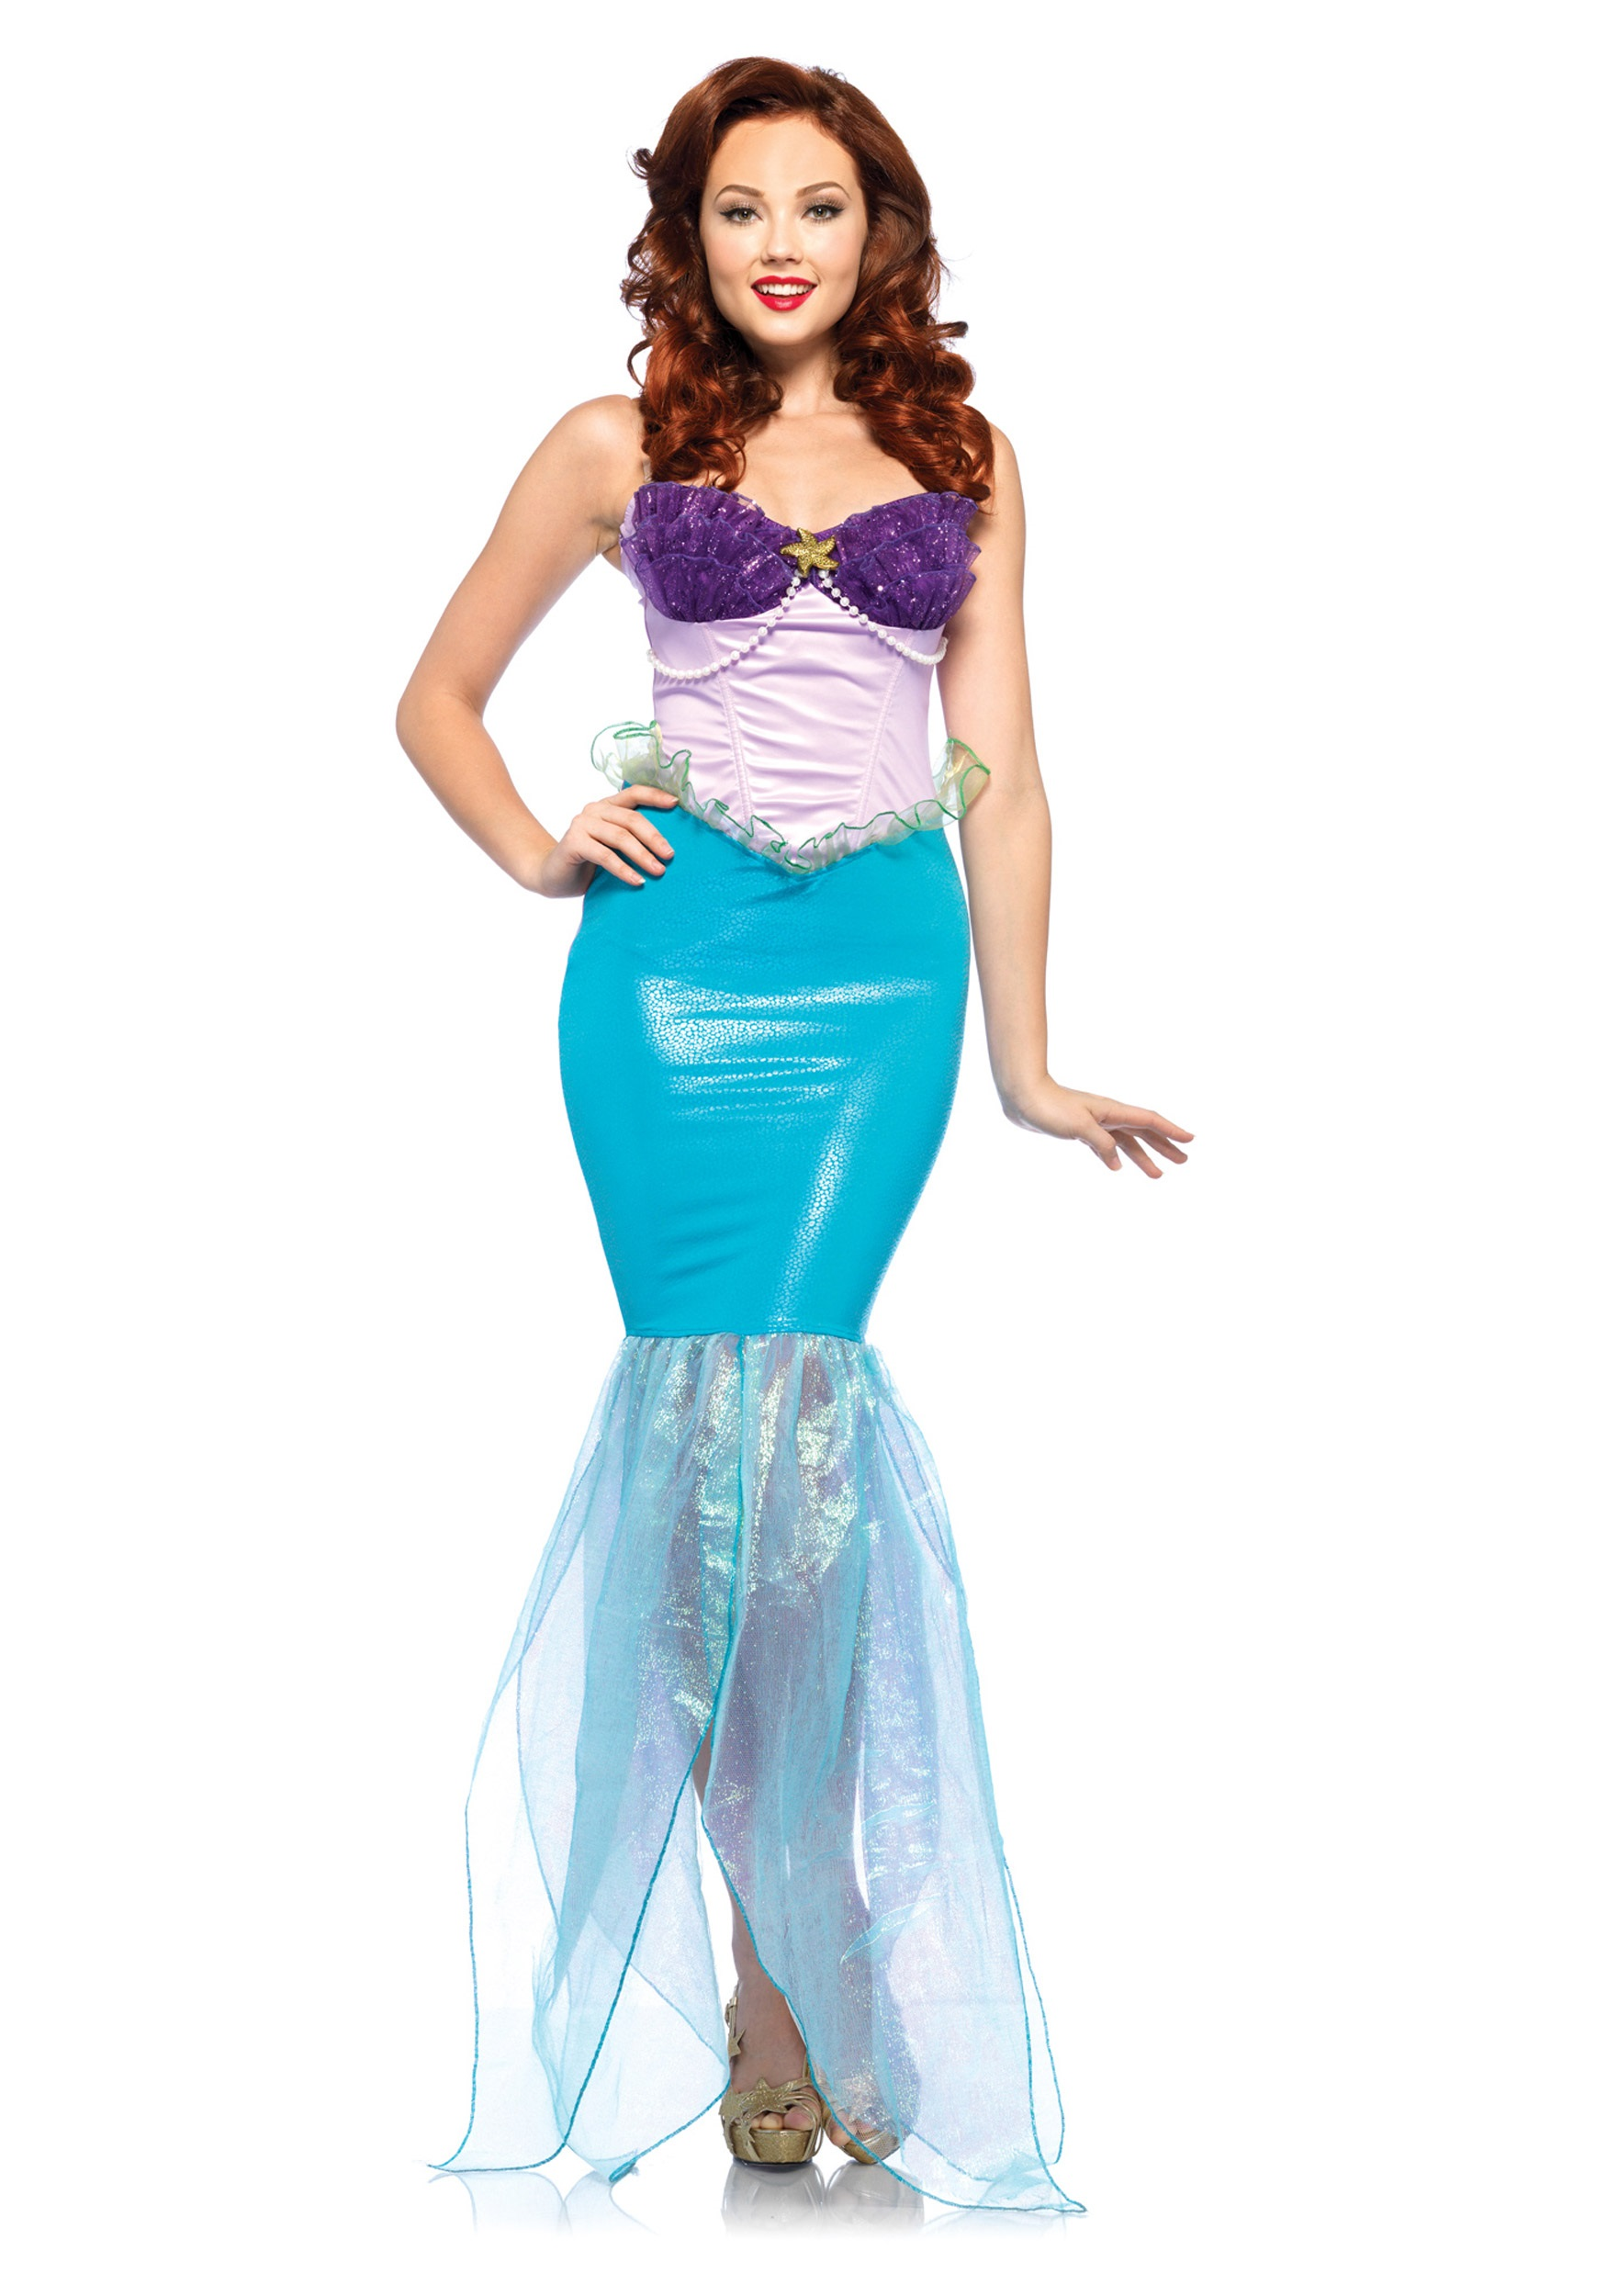 Womens Disney Undersea Ariel Costume  sc 1 st  Halloween Costumes & Womens Disney Undersea Ariel Costume - Halloween Costumes